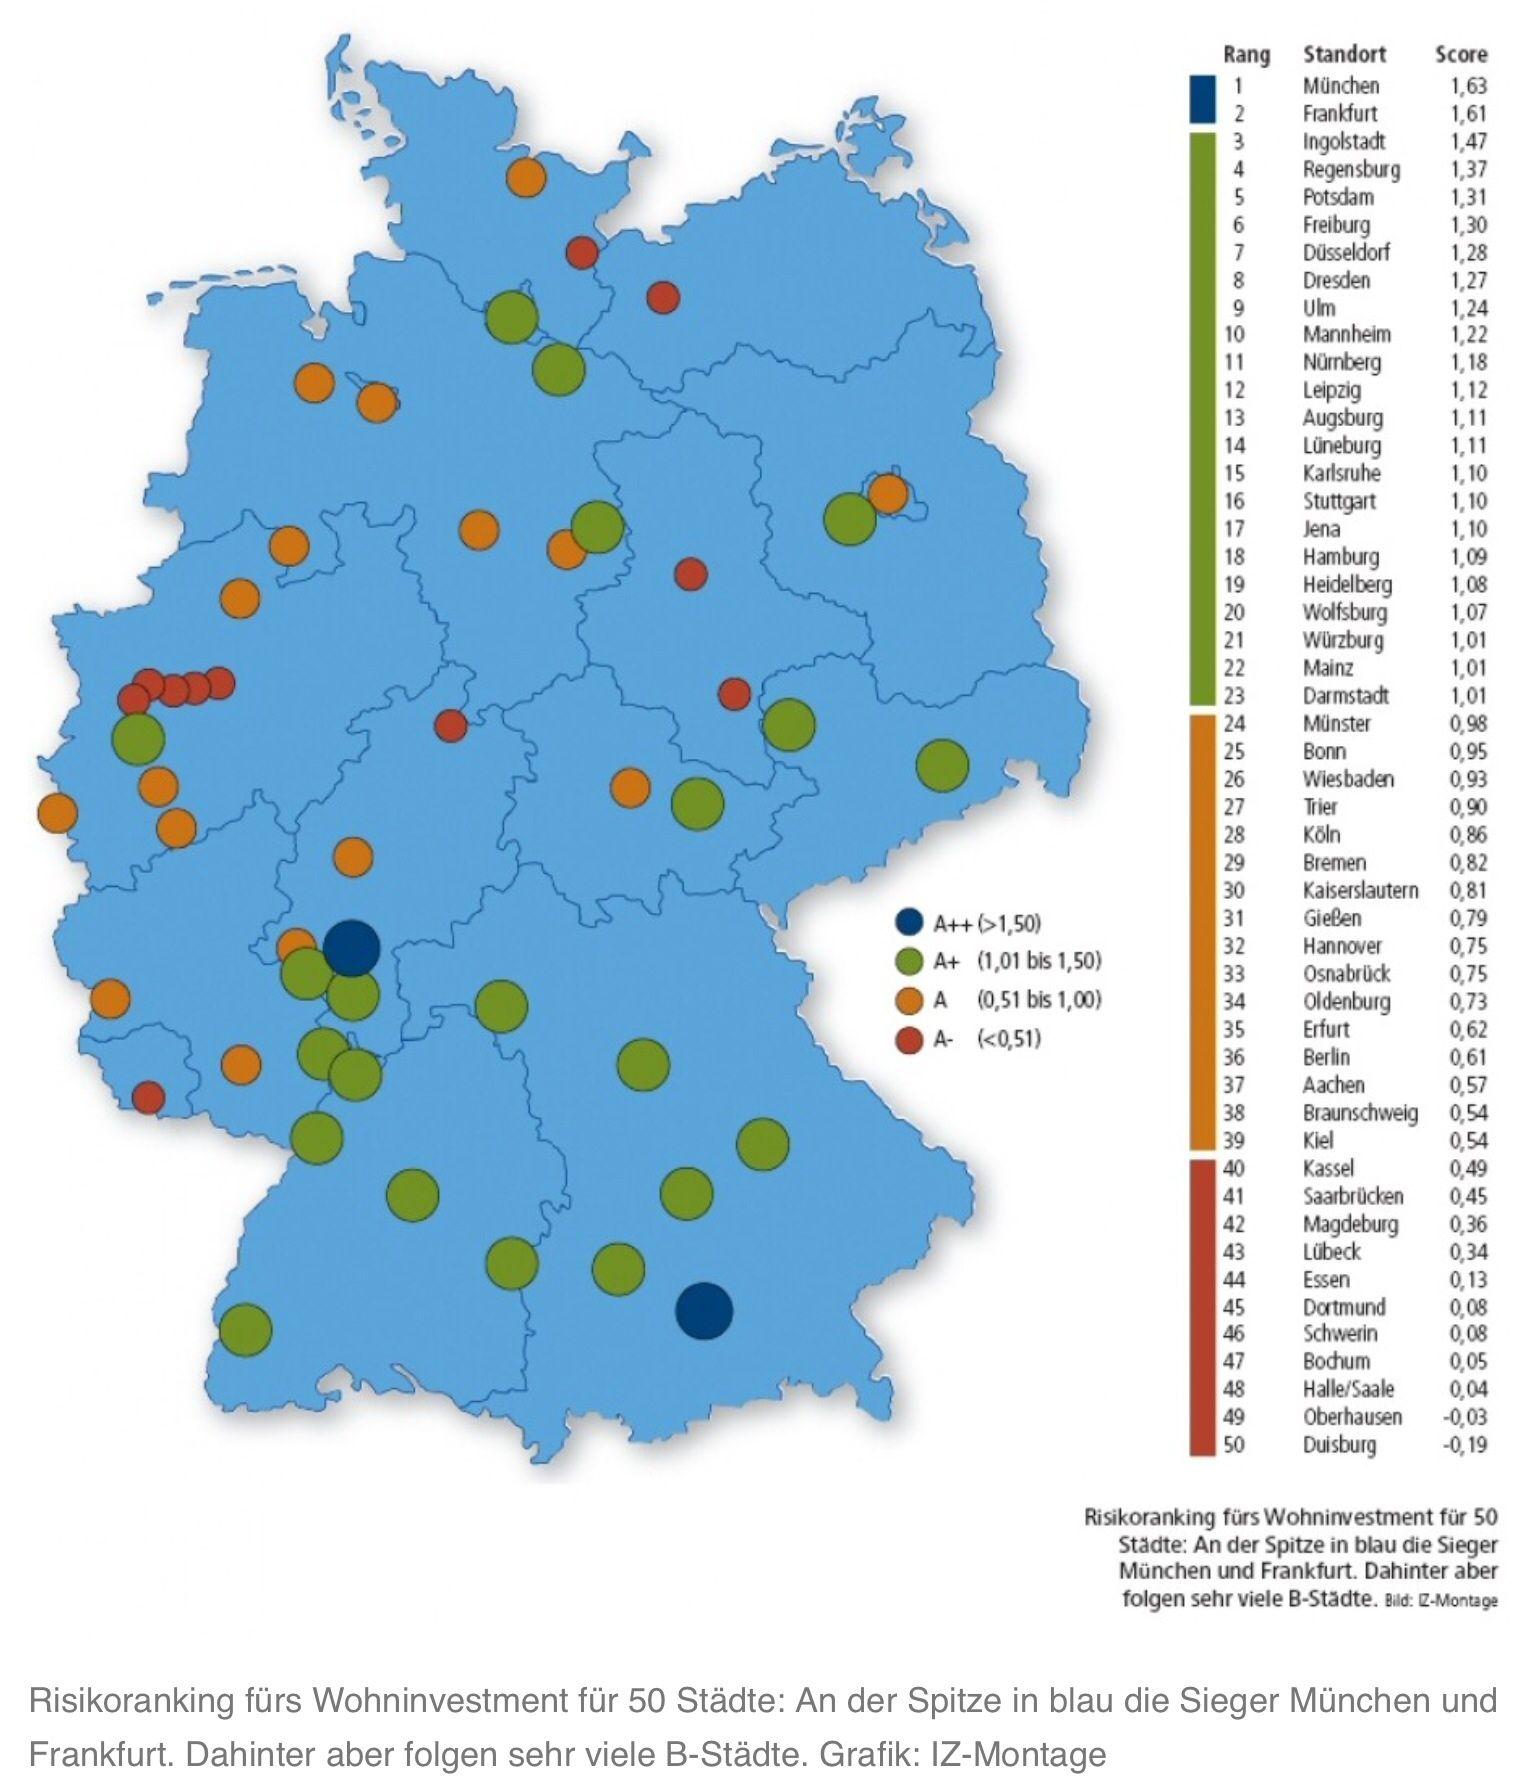 RisikoRanking für Wohninvestments für 50 deutsche Städte